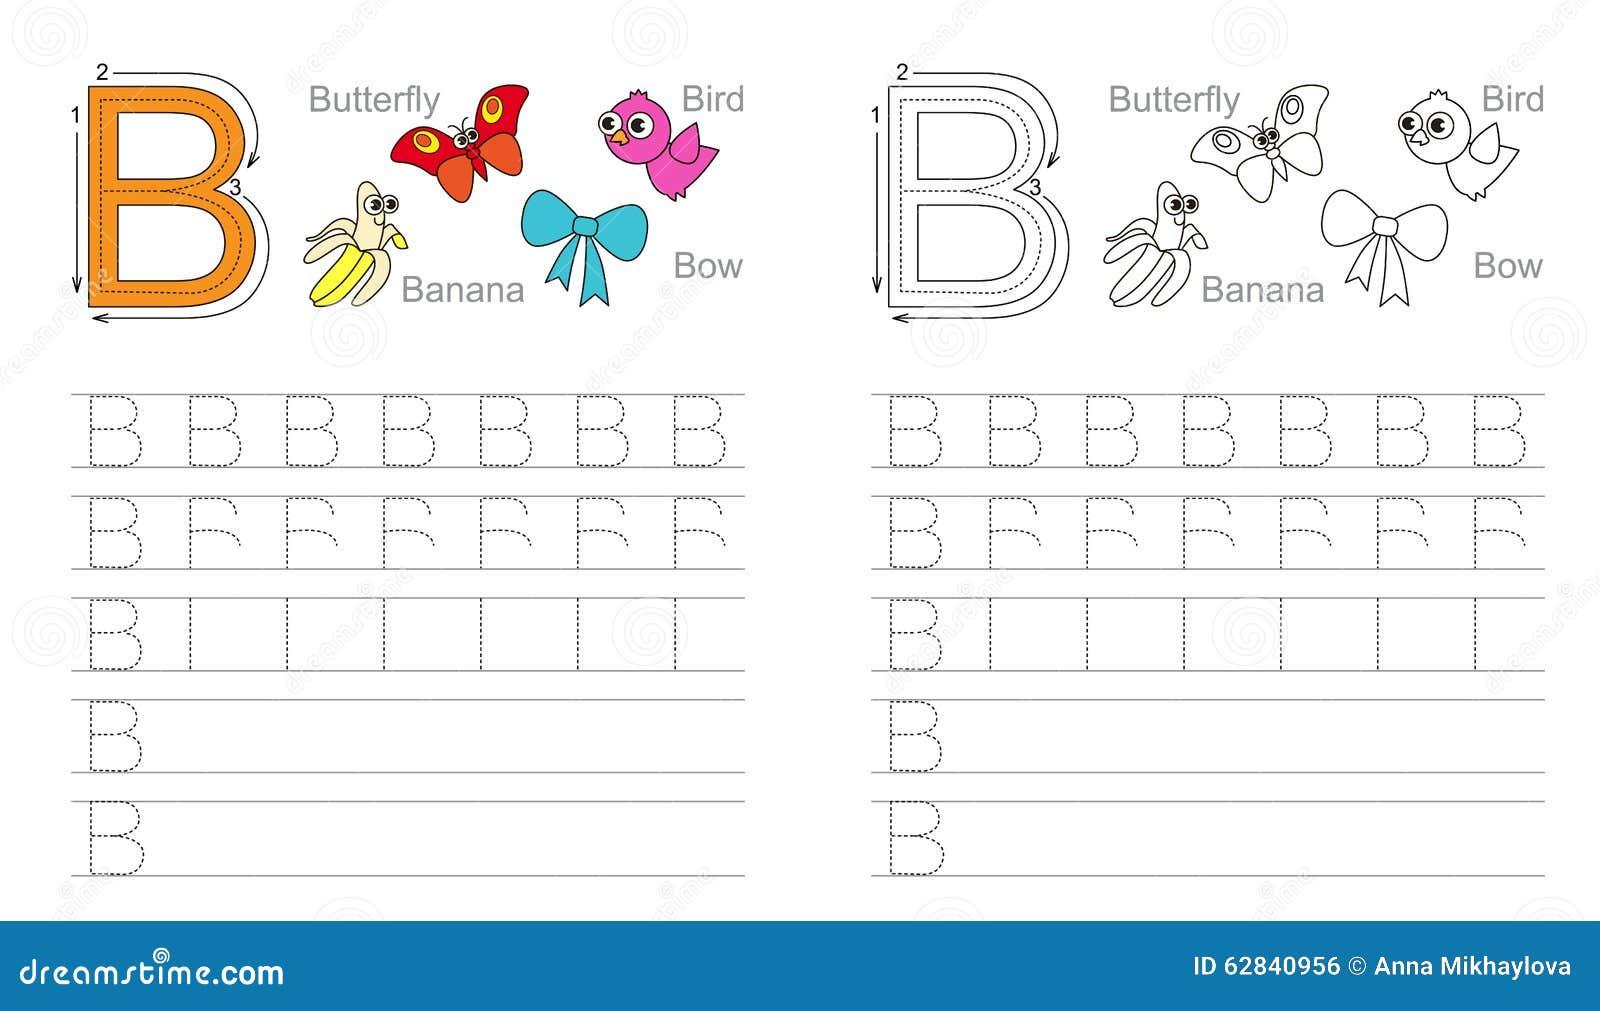 ... Artist How To Draw A Kitten Worksheet. on be an illustrator worksheet